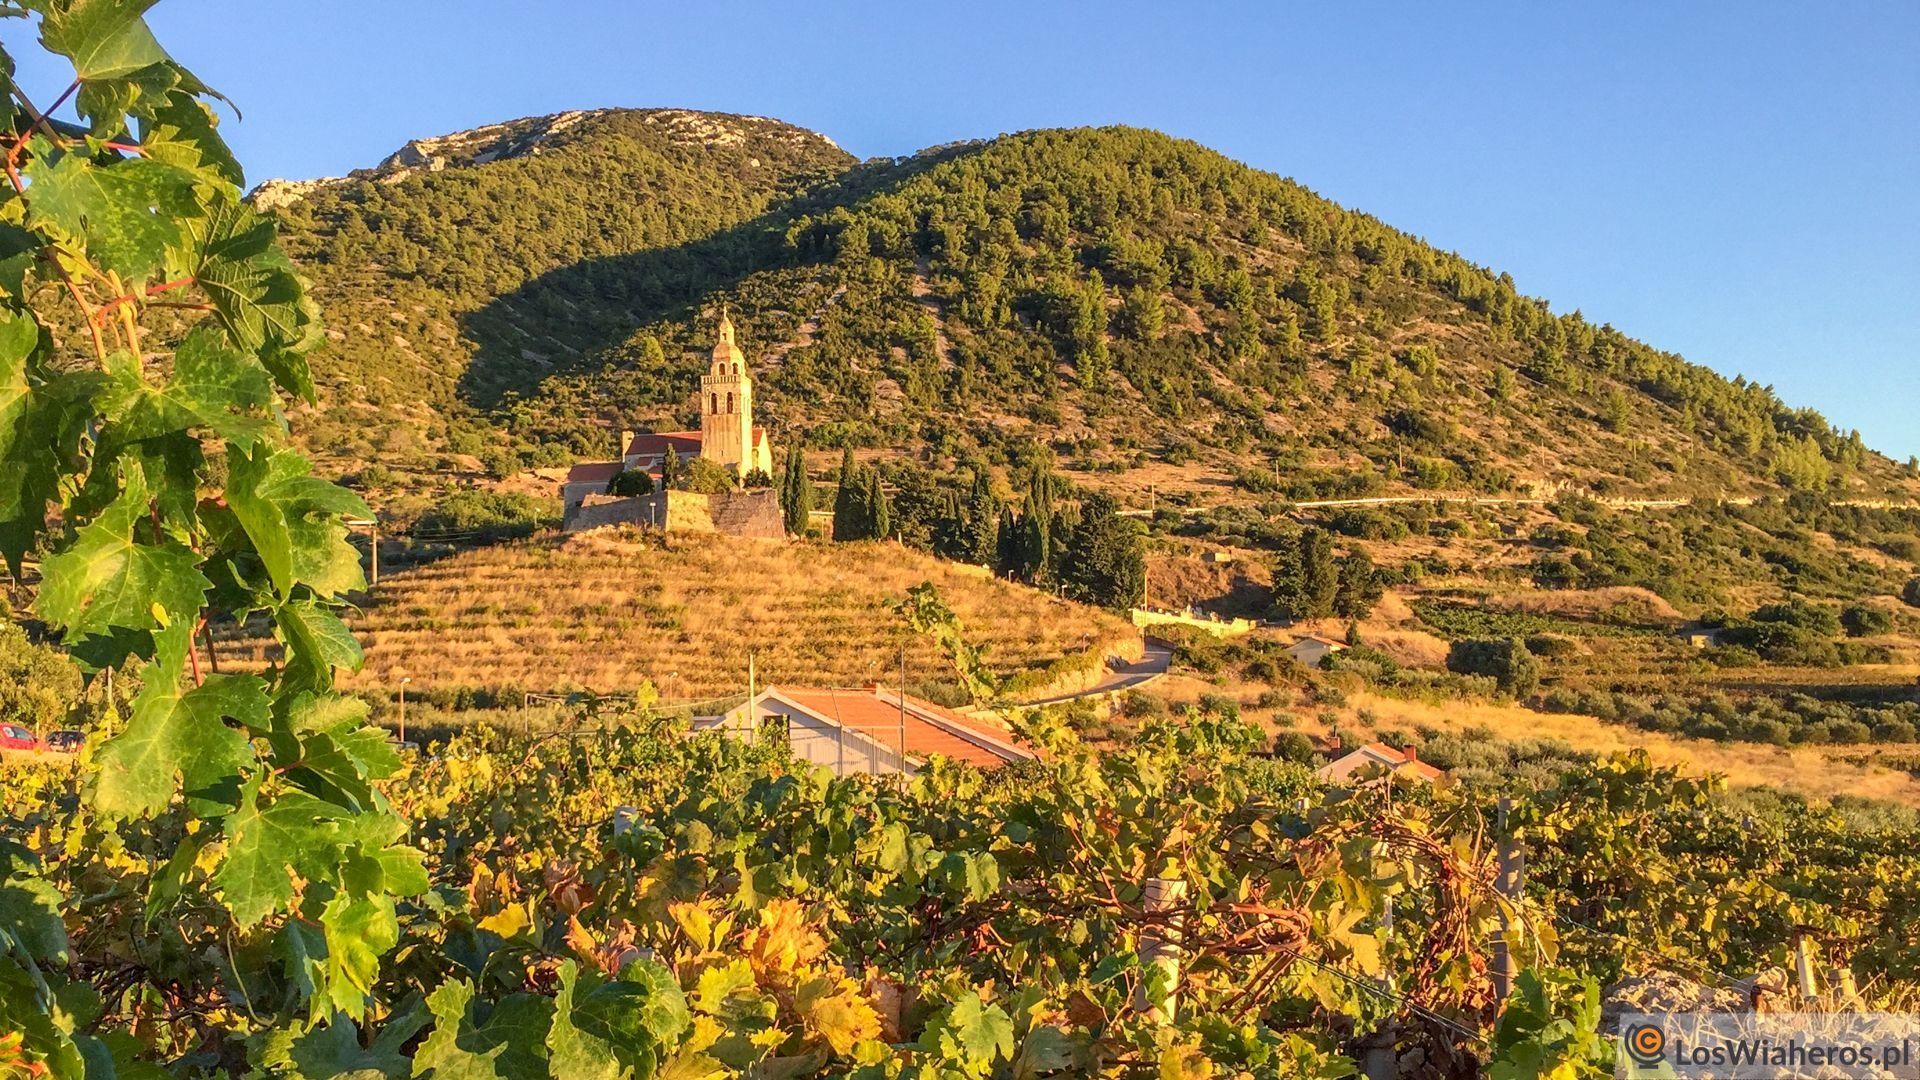 Chorwackie wyspy - Kościół św.Mikołaja - najlepsze miejsce napodziwianie zachodu słońca